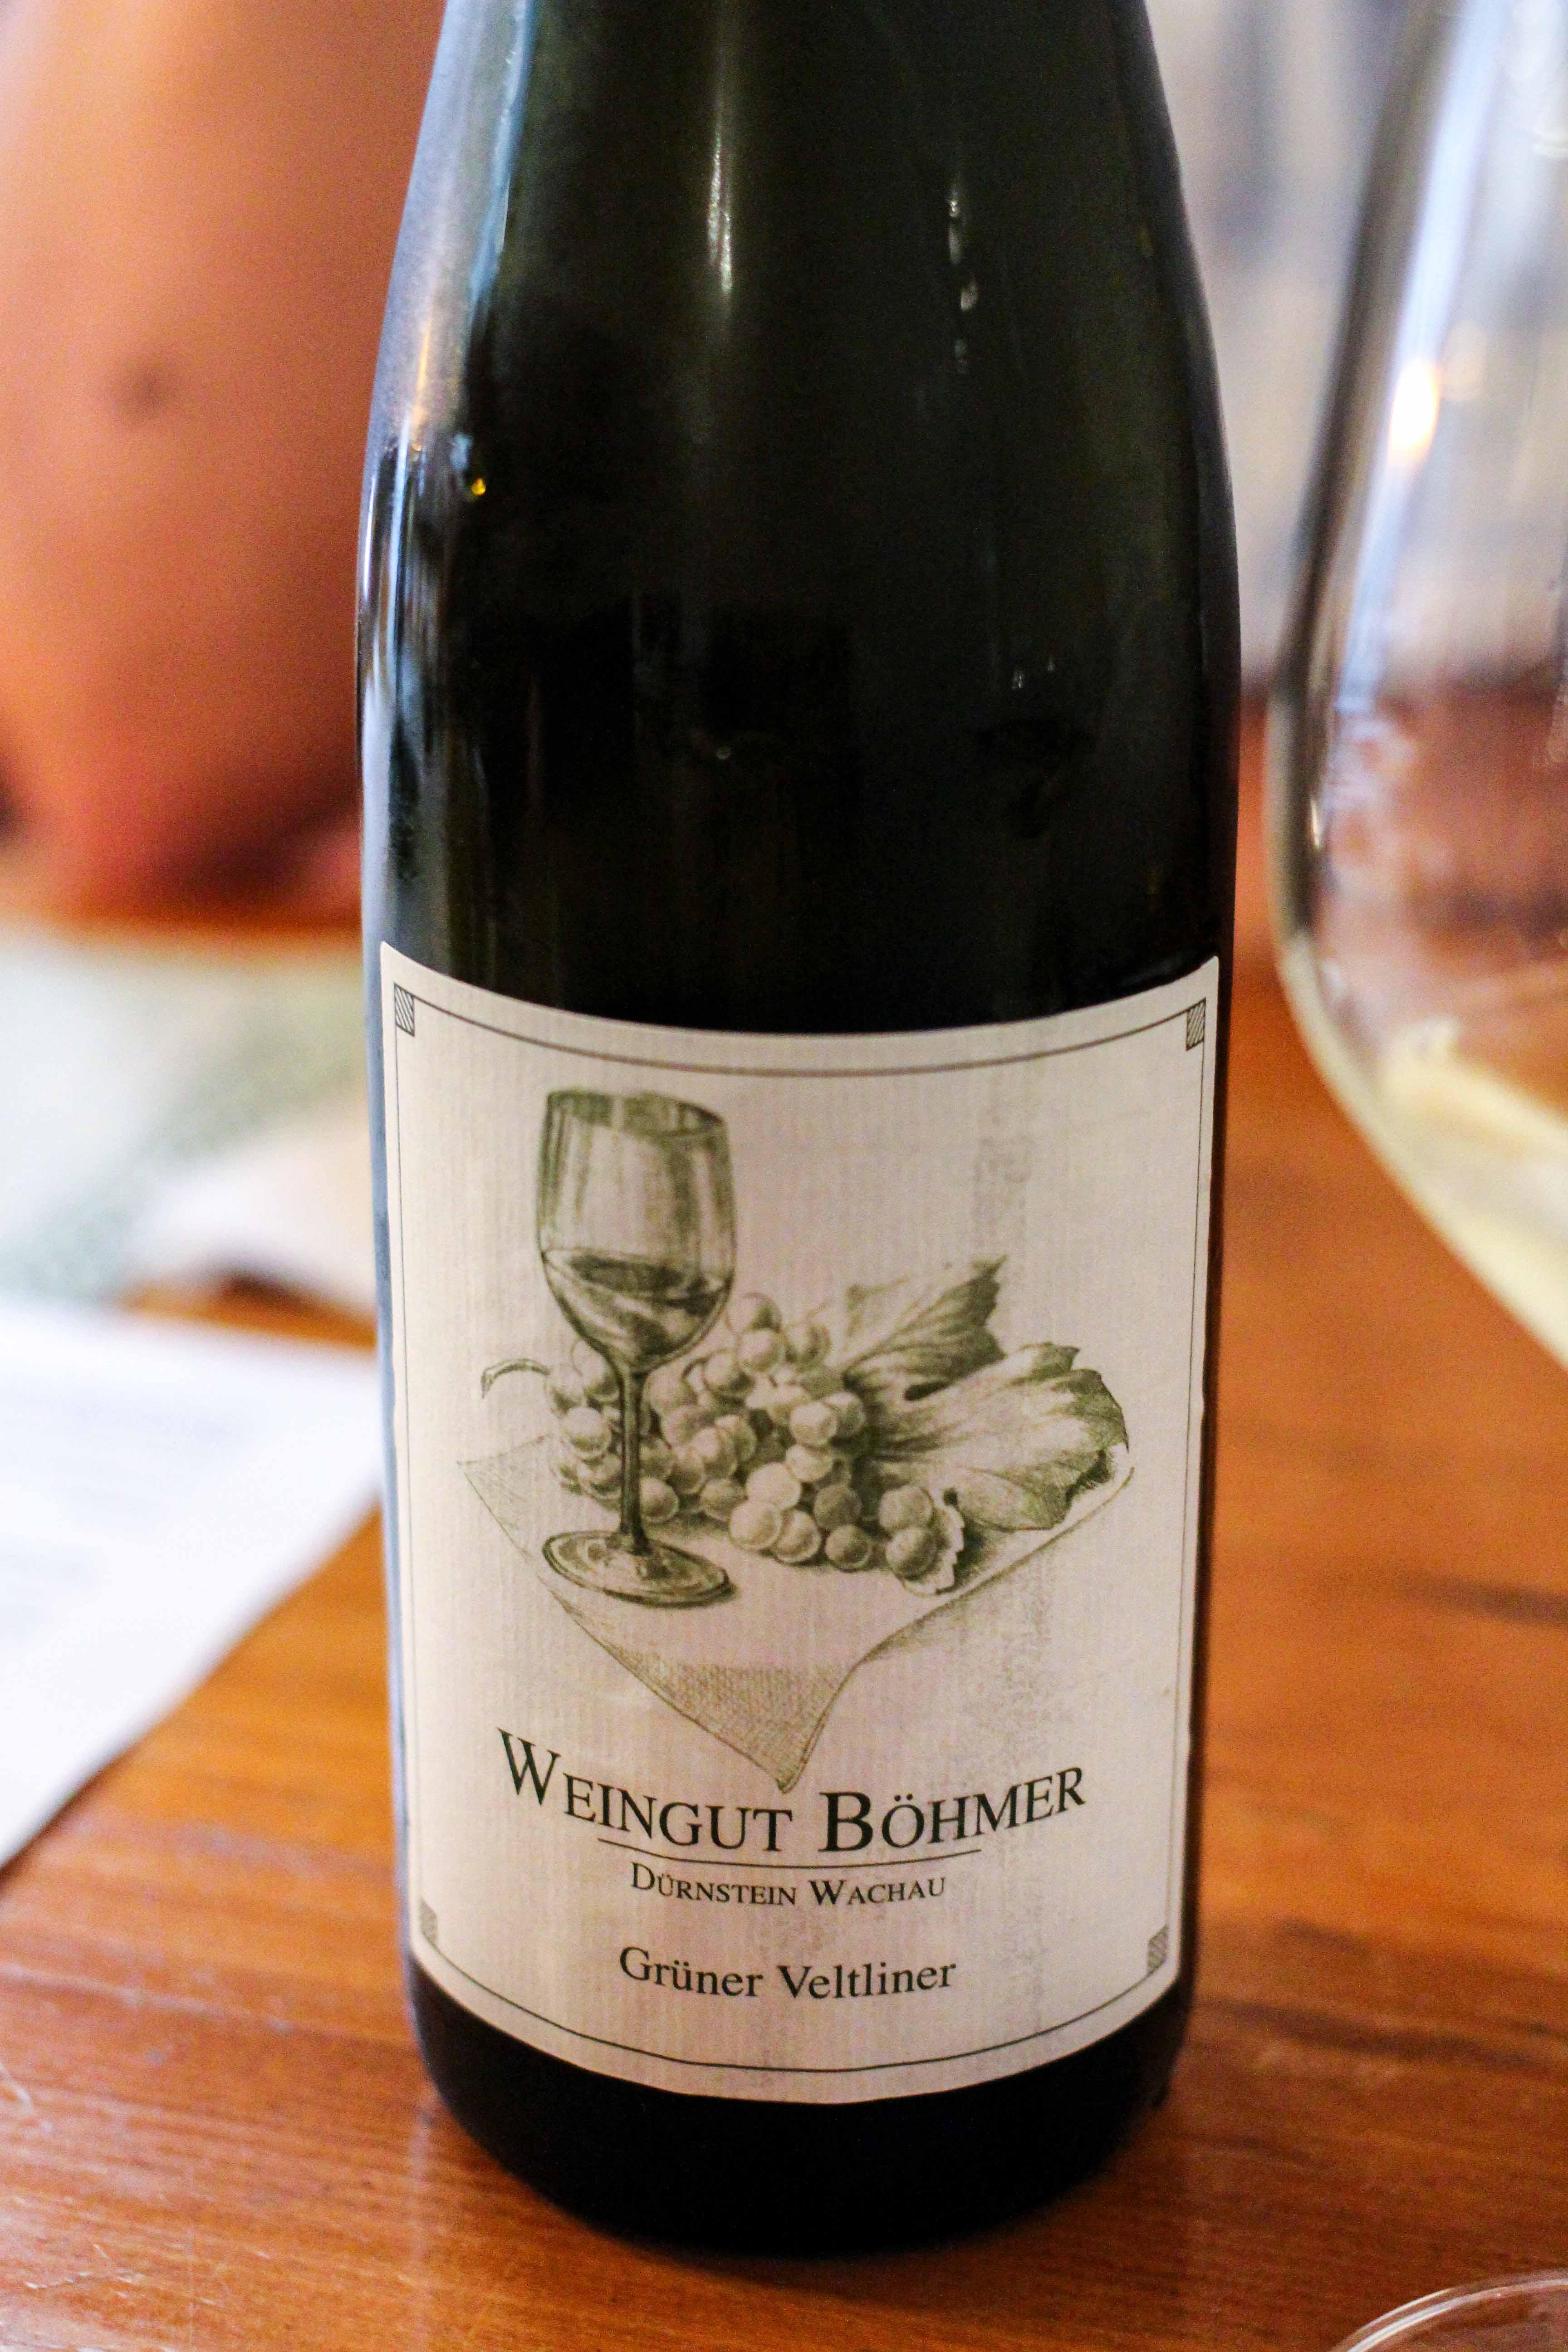 Wachau Österreich Dürnstein Weinregion Insider Tipps Sehenswürdigkeiten Böhmer Wein Weinprobe Grüner Veltliner